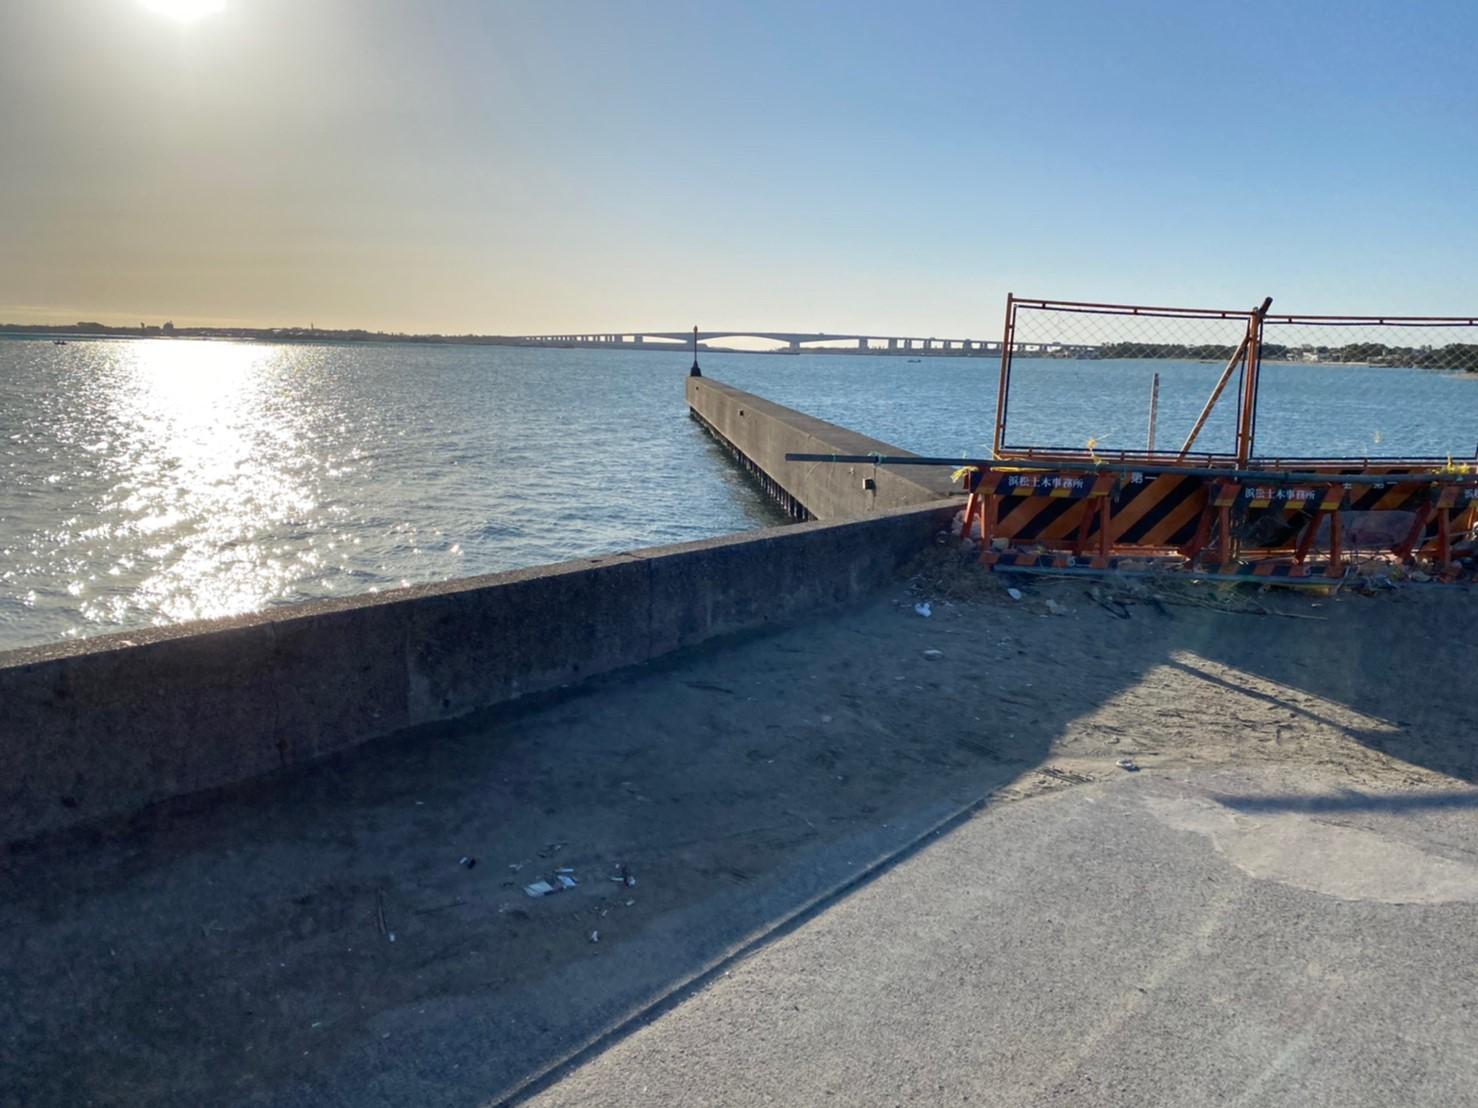 【浜名湖南部】『砂揚げ場』エリアの釣り場ガイド(駐車場・釣れる魚)